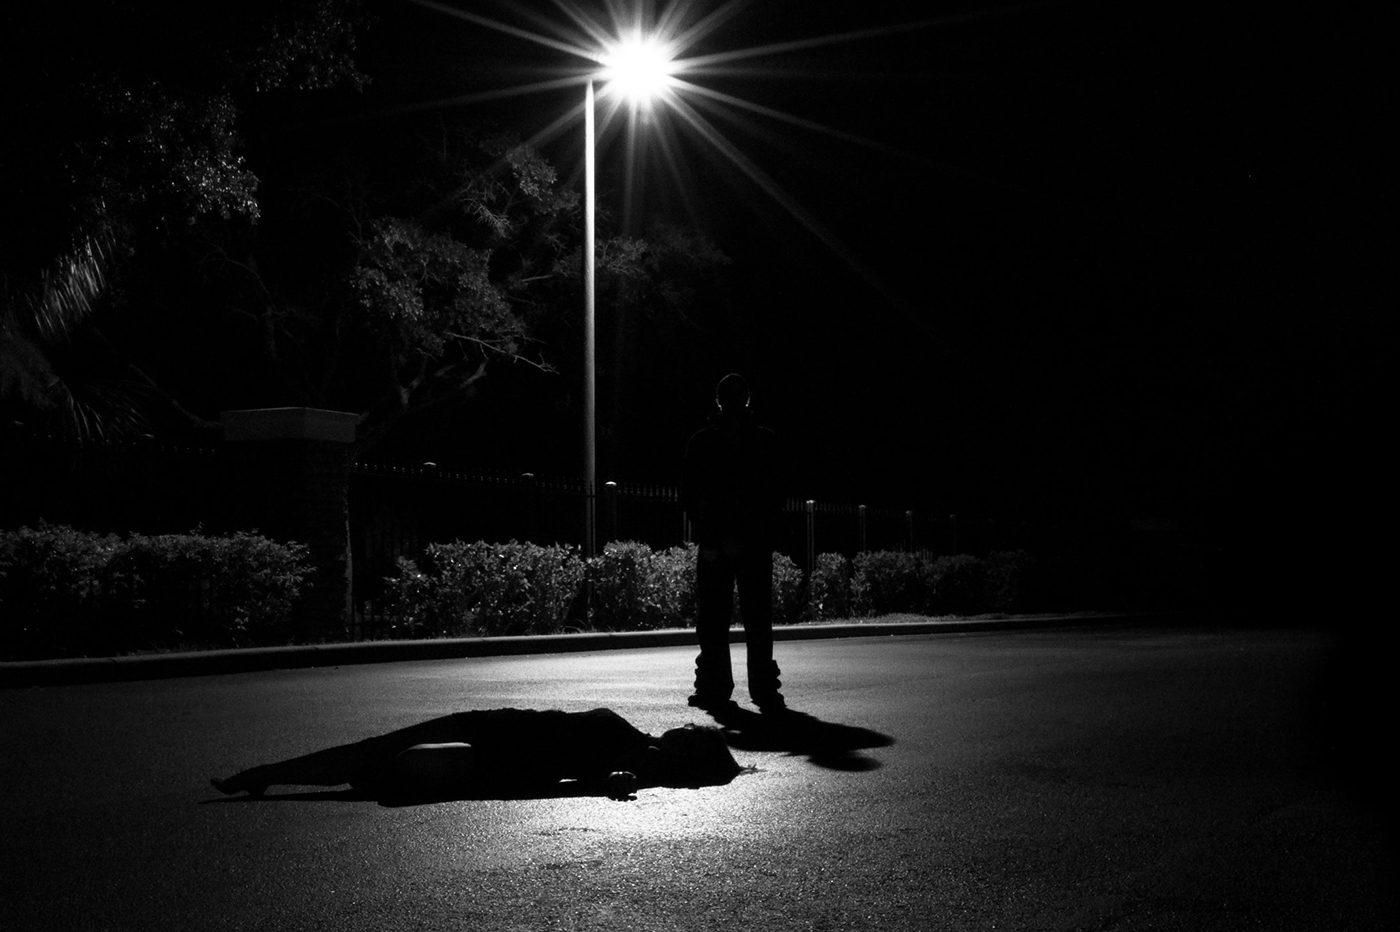 À Nancy, un étudiant a voulu faire assassiner sa petite amie en passant par le darkweb - Presse-citron